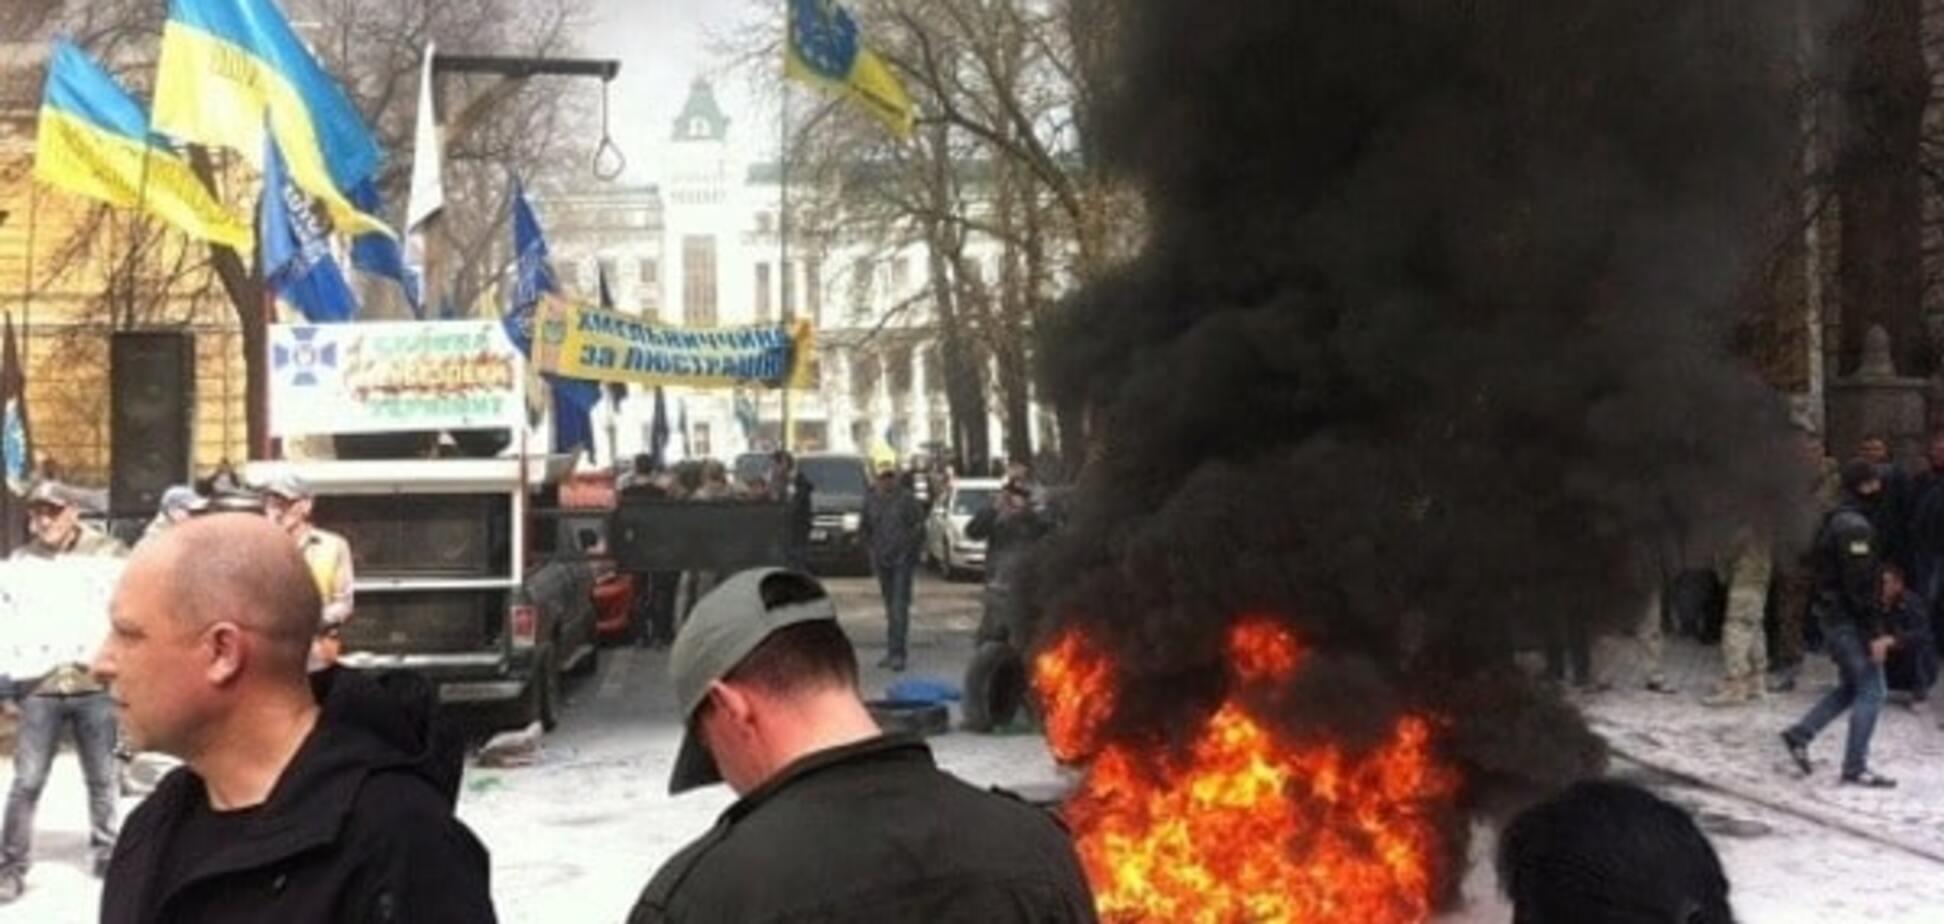 Підпал шин на Банковій: 'Автомайдан' спростував свою участь в акції